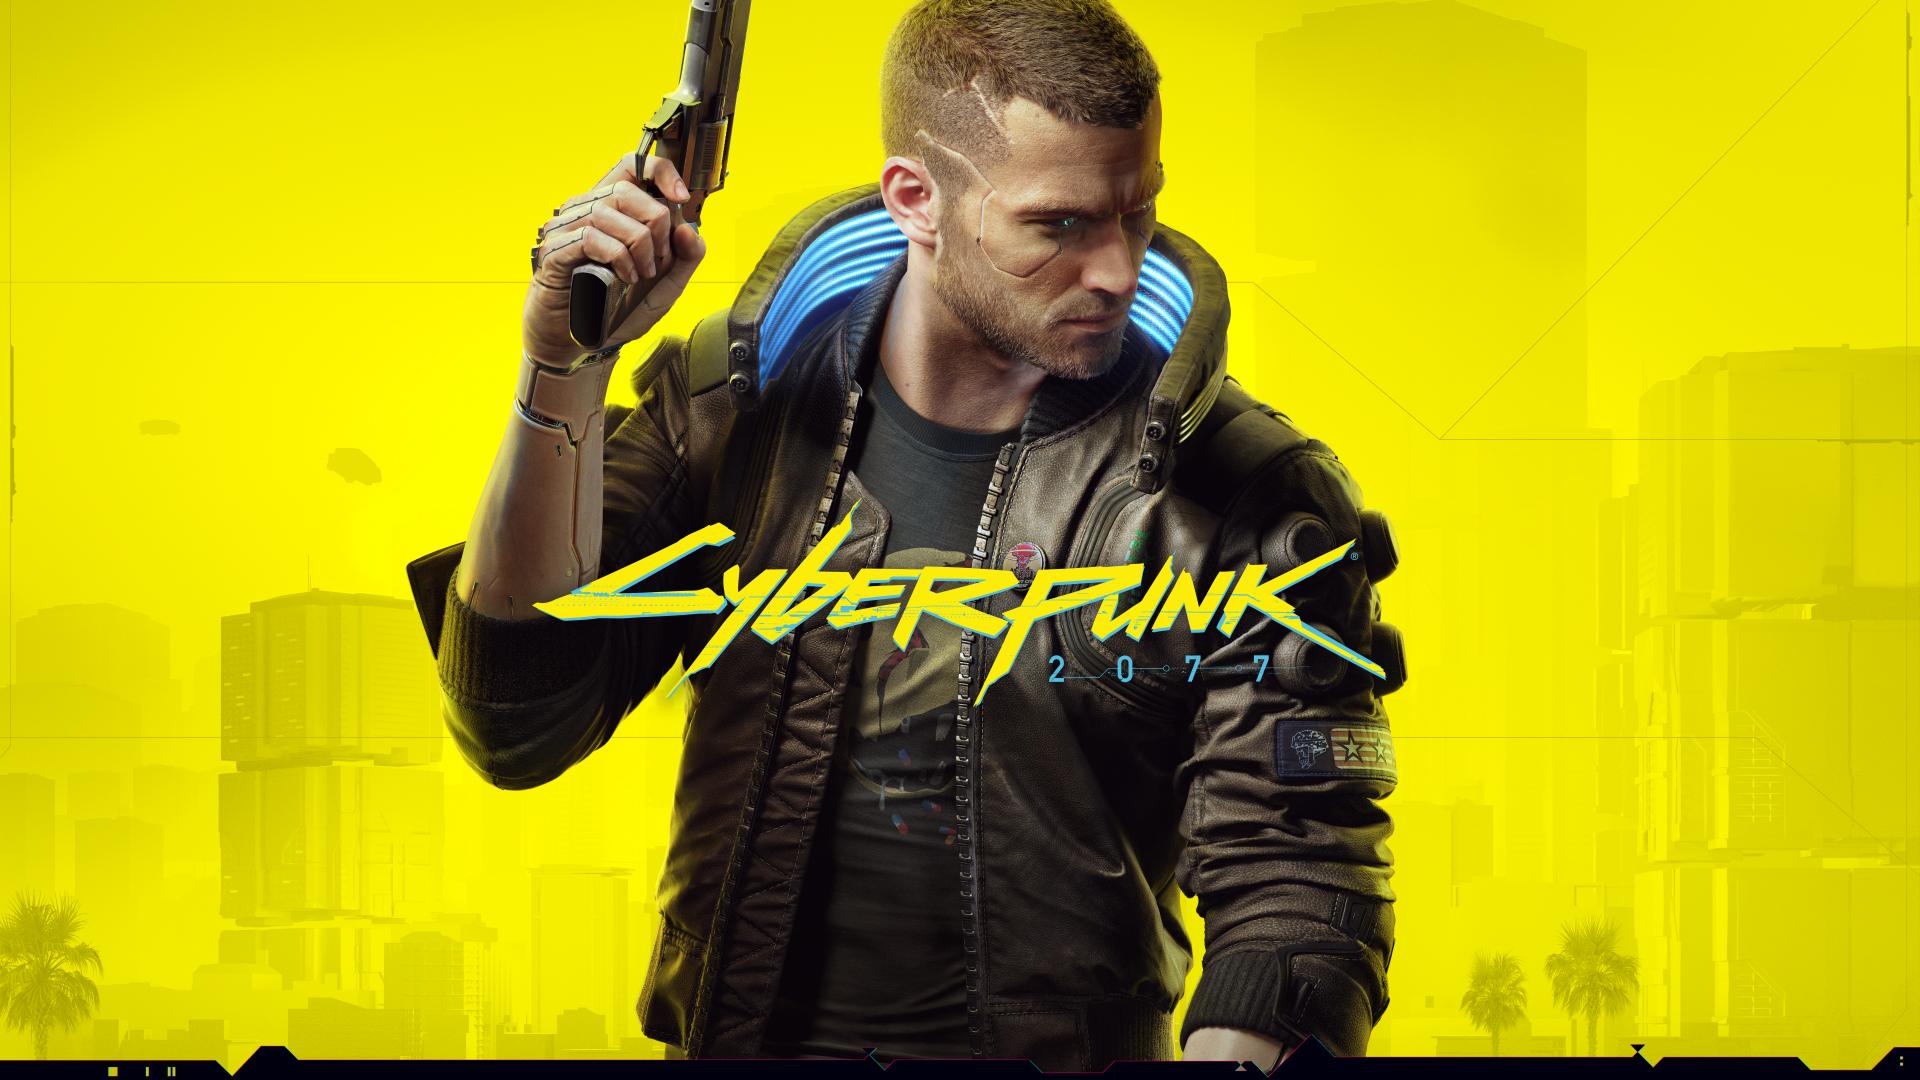 Cyberpunk 2077 - cover